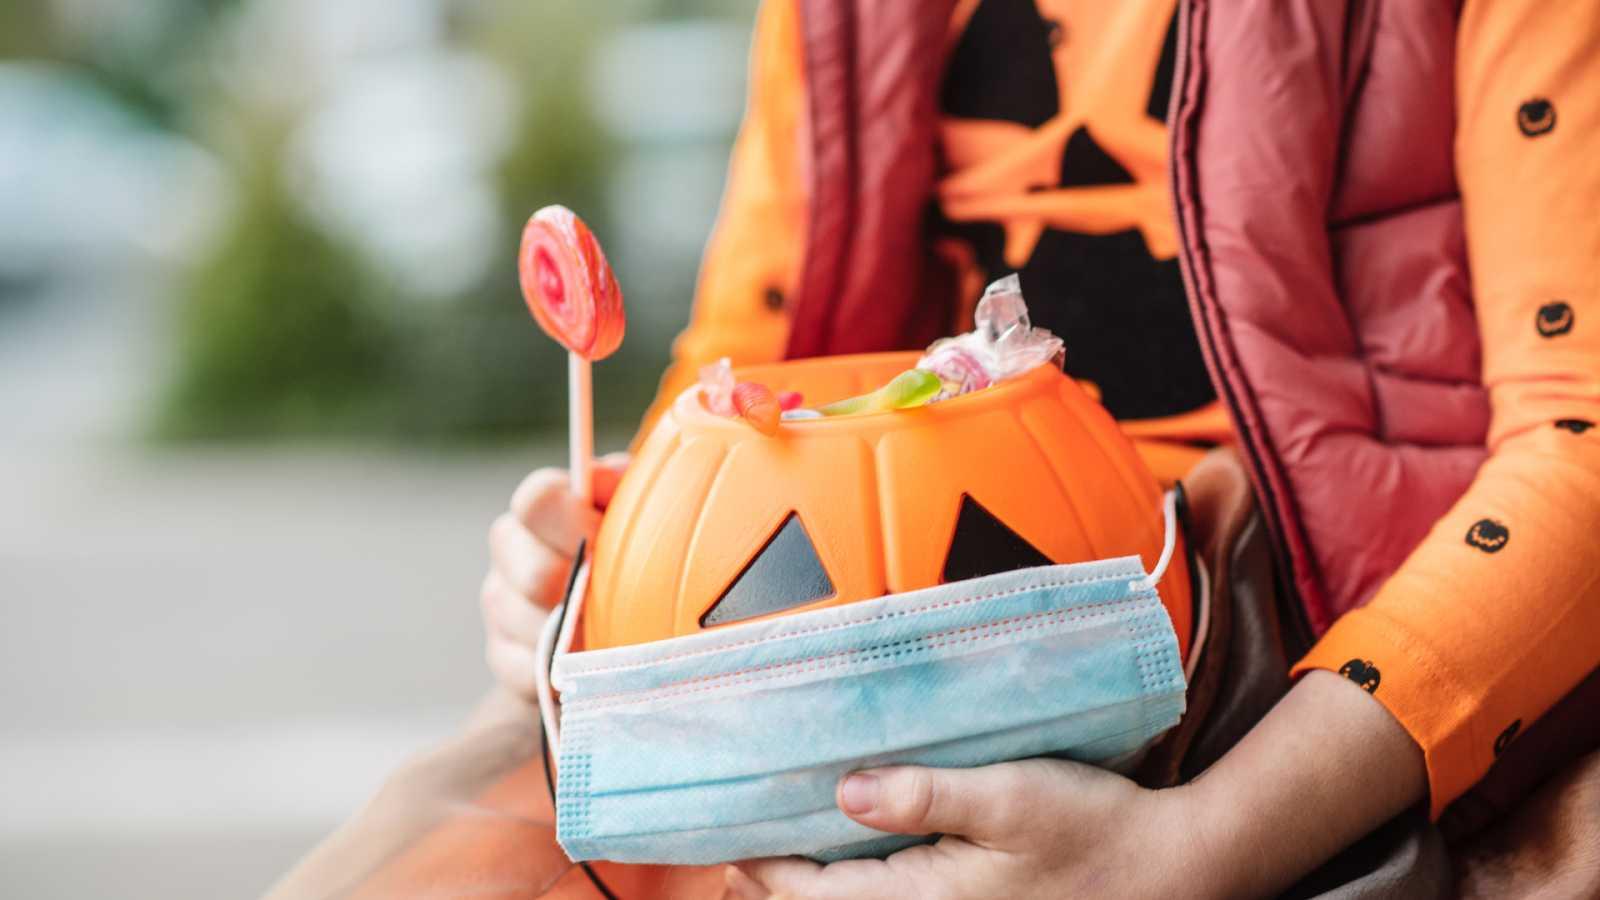 La estación azul de los niños - Halloween y niñas empoderadas - 31/10/20 - escuchar ahora